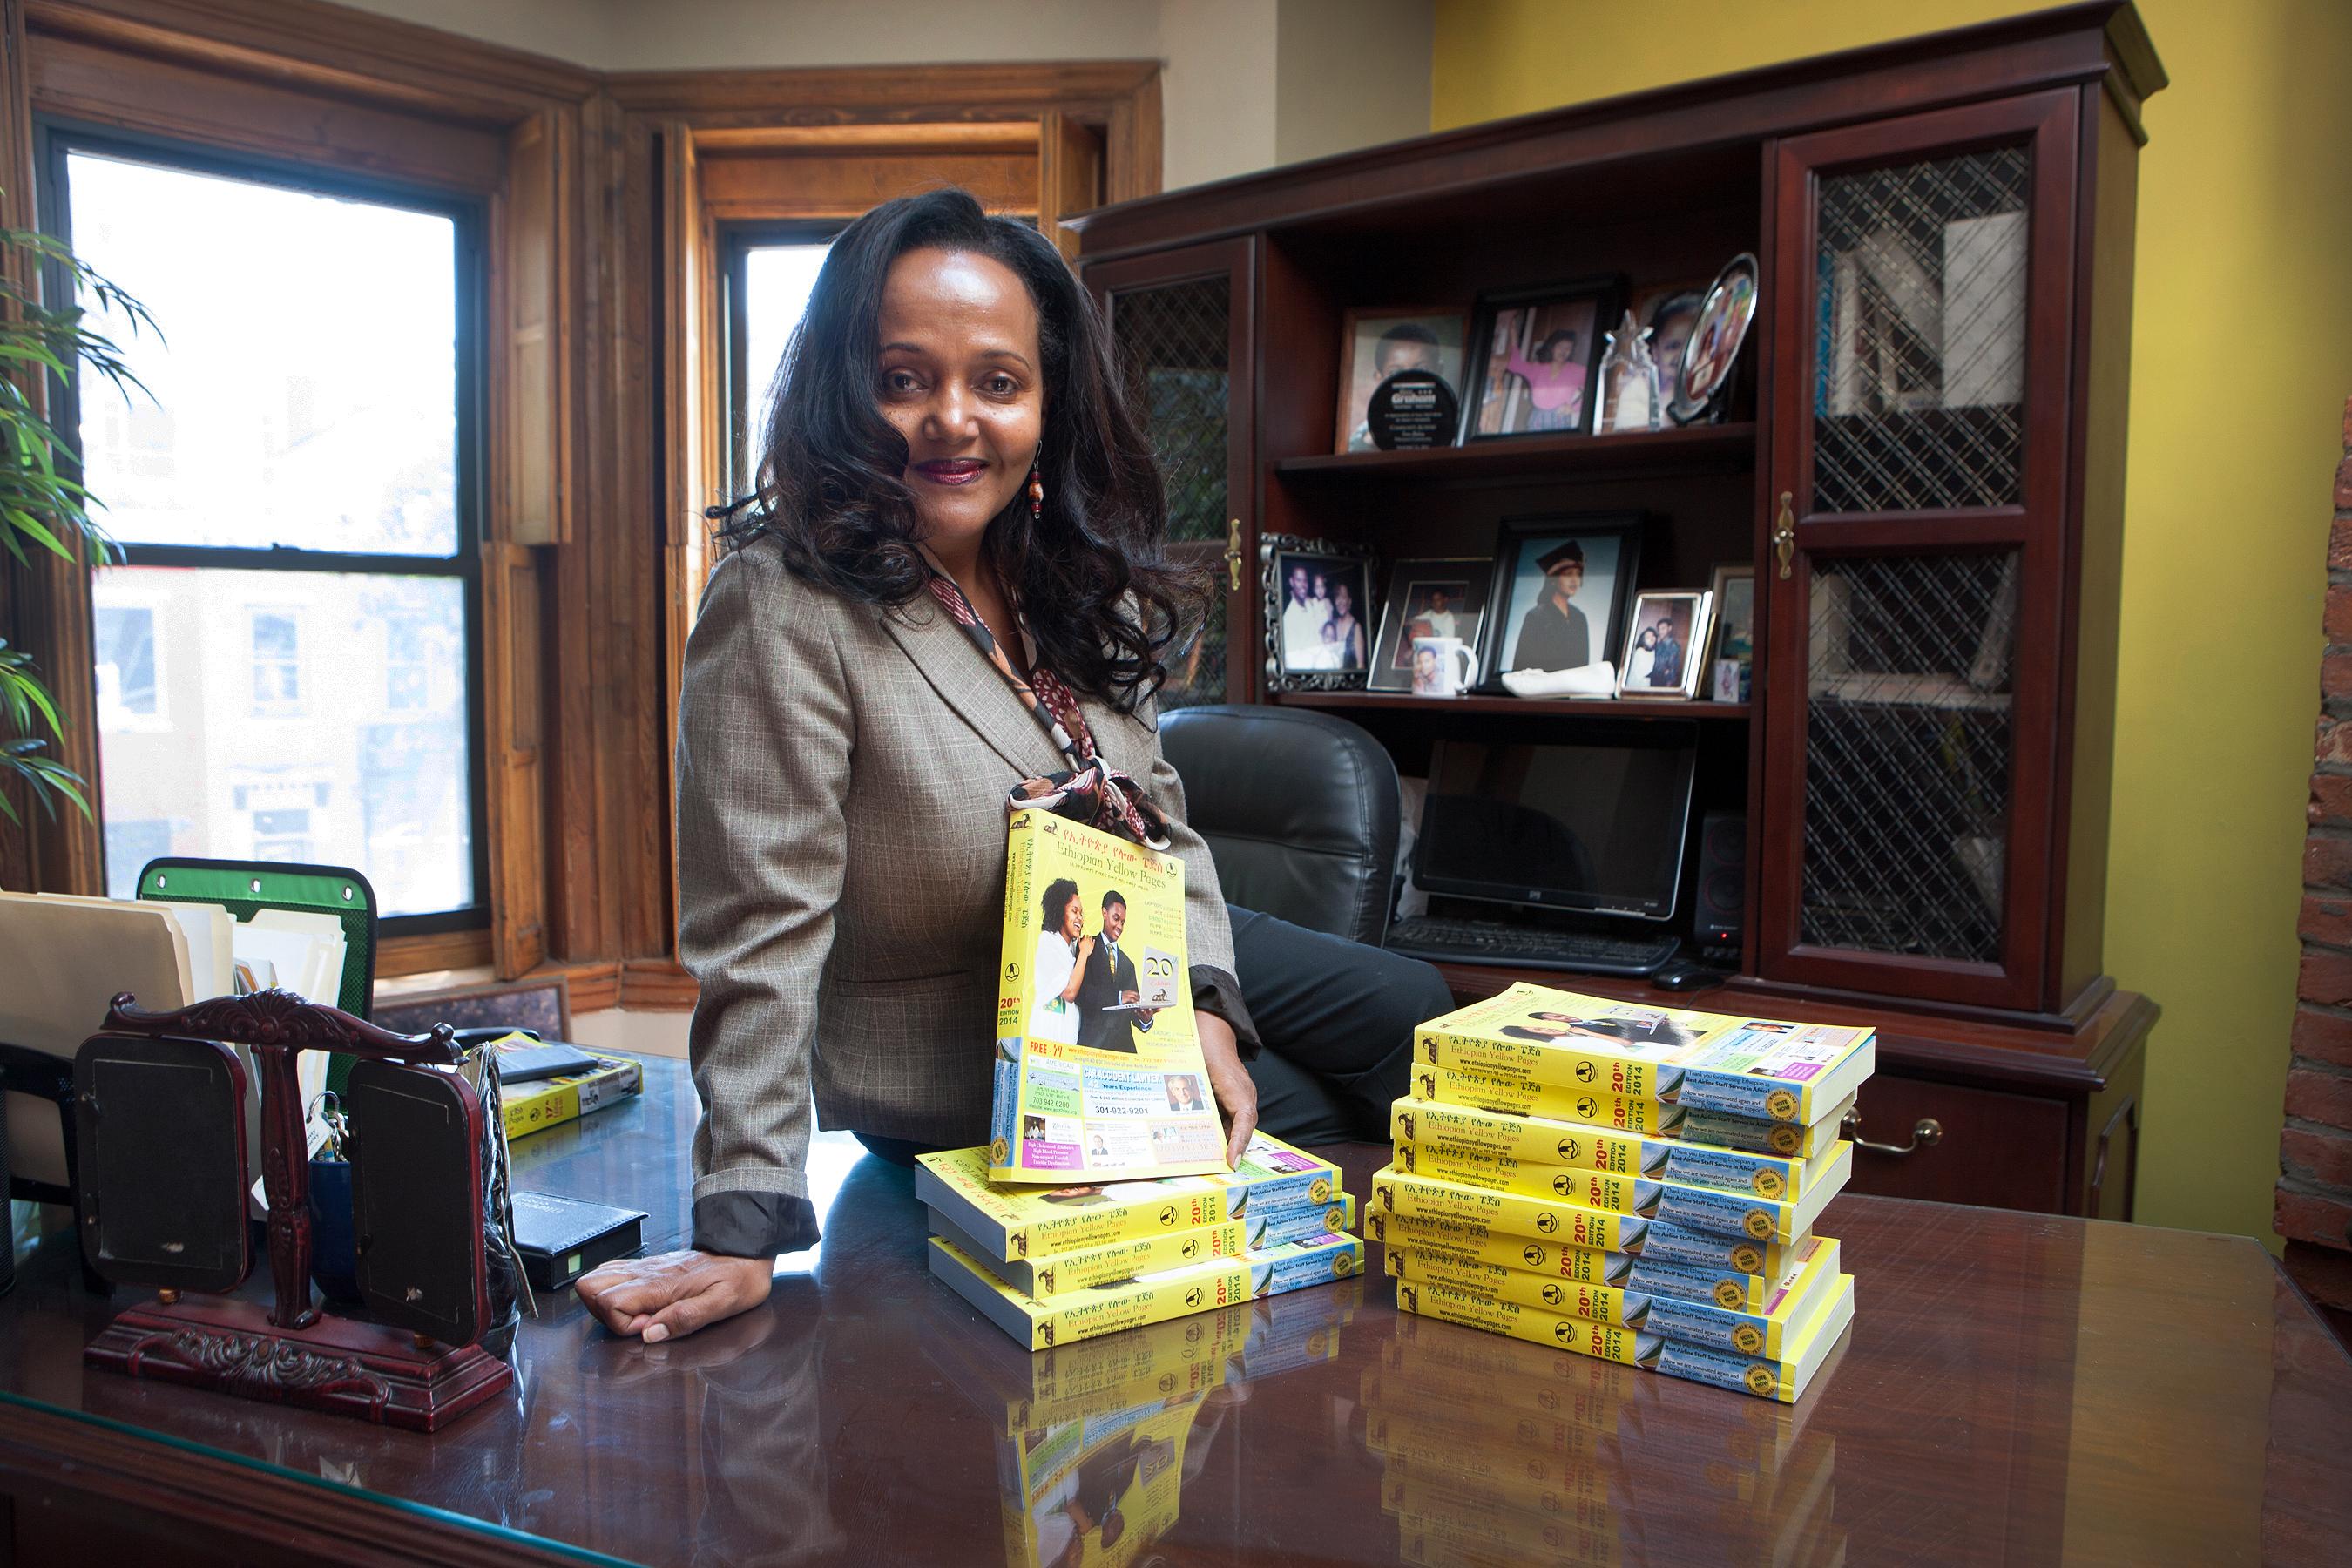 Une femme assise sur un bureau et tenant un livre (David Peterson/Département d'État)